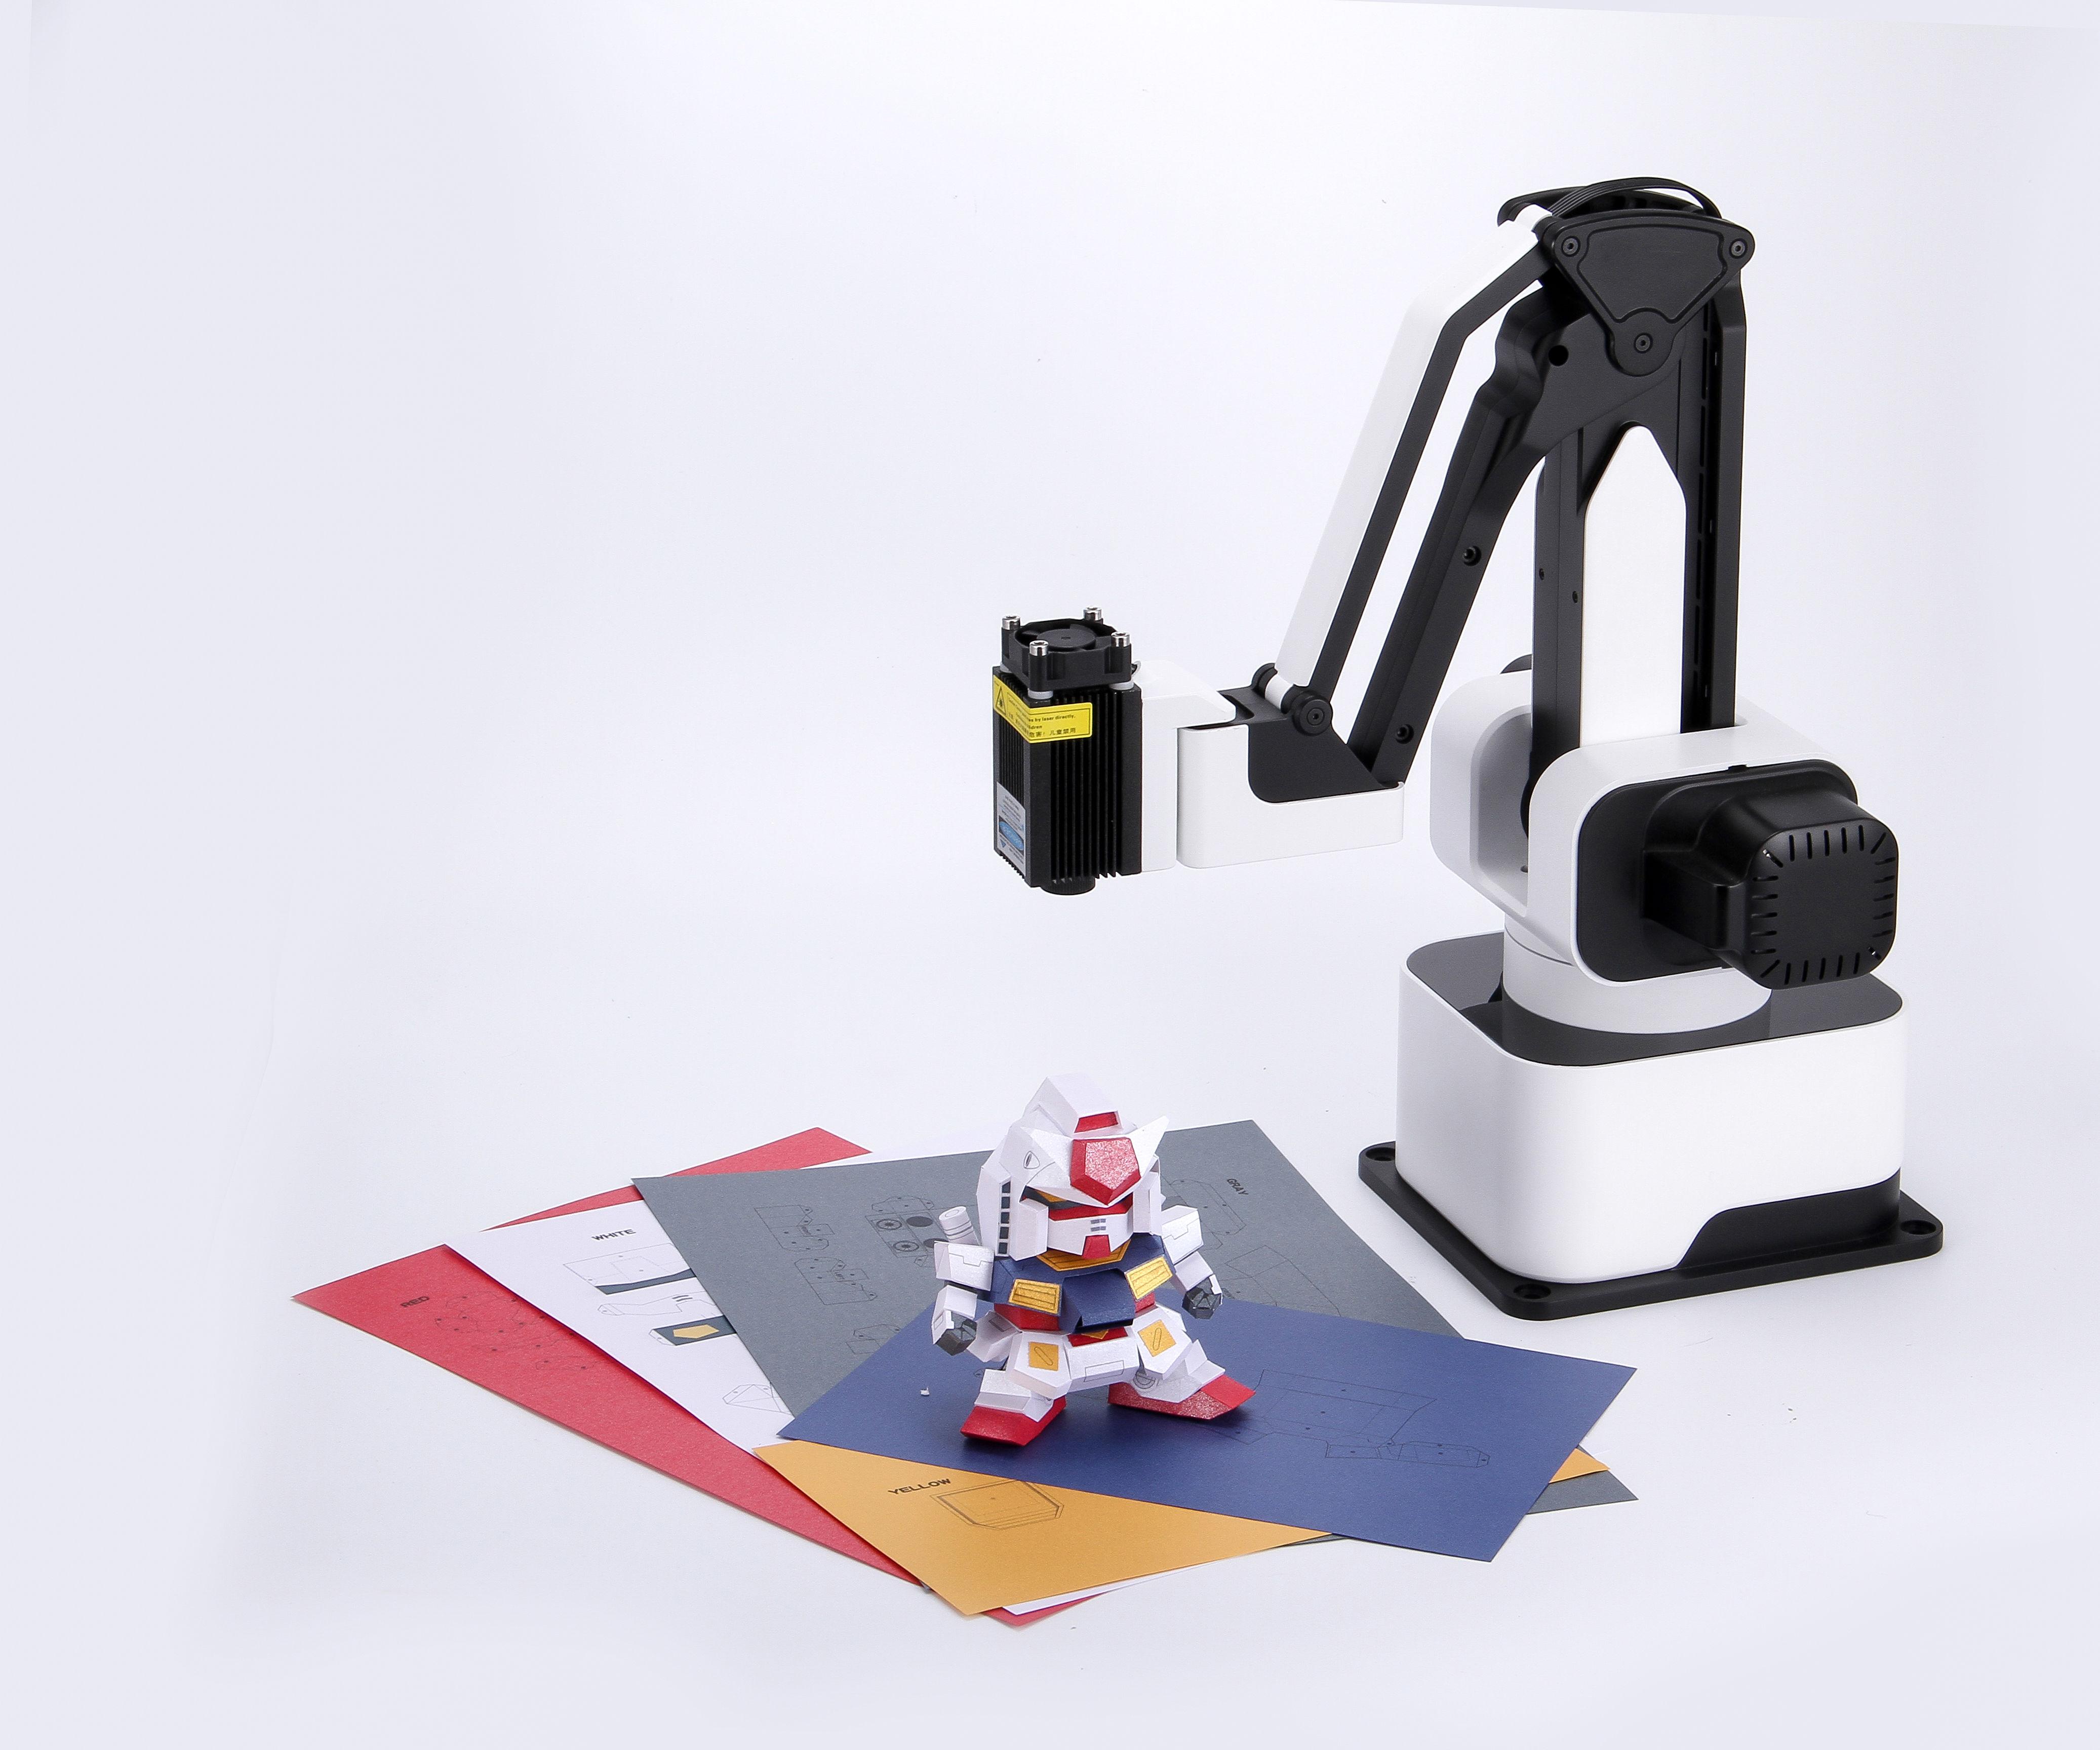 Build a Smart Gomoku Playing Robot